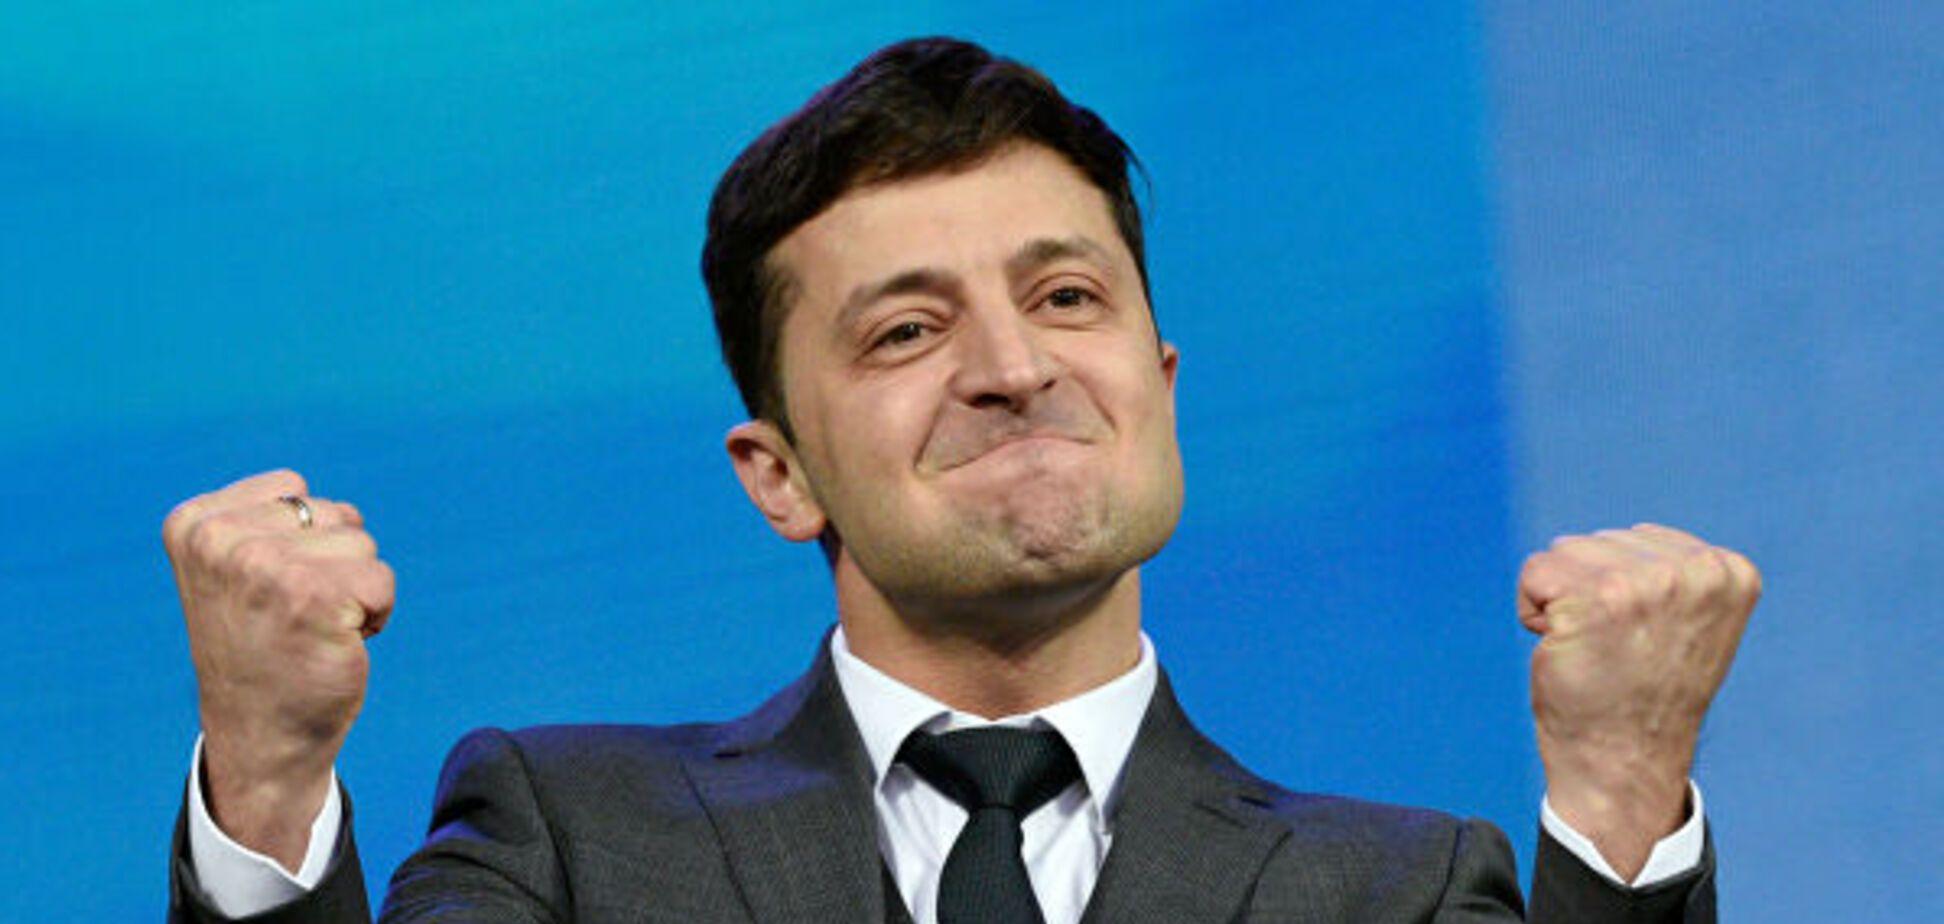 Пане президенте, вам немає що сказати українцям?